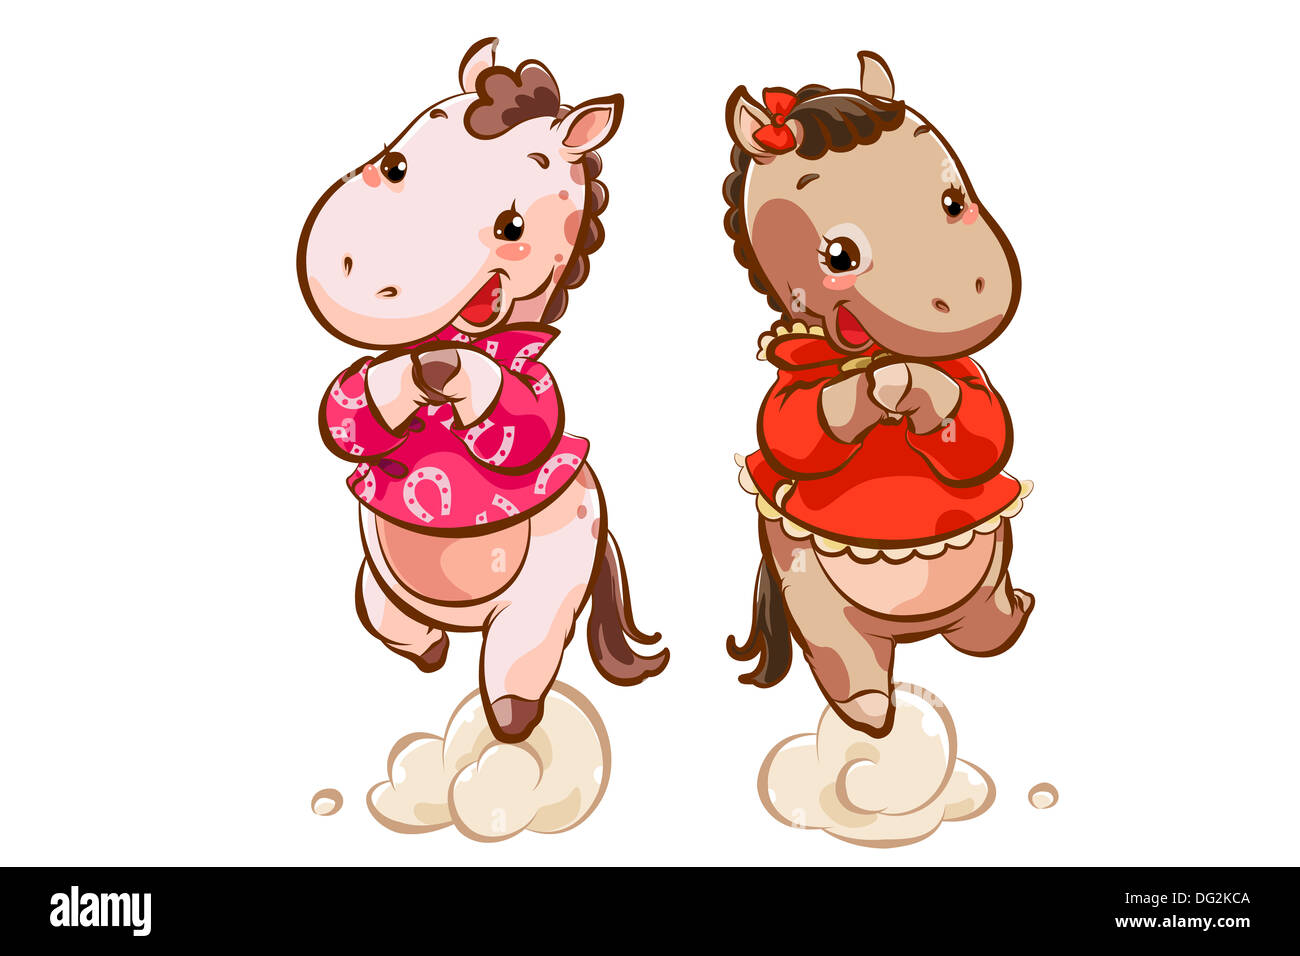 Niedliche Pferde Gruß für Chinese New Year Stockfoto, Bild: 61524746 ...